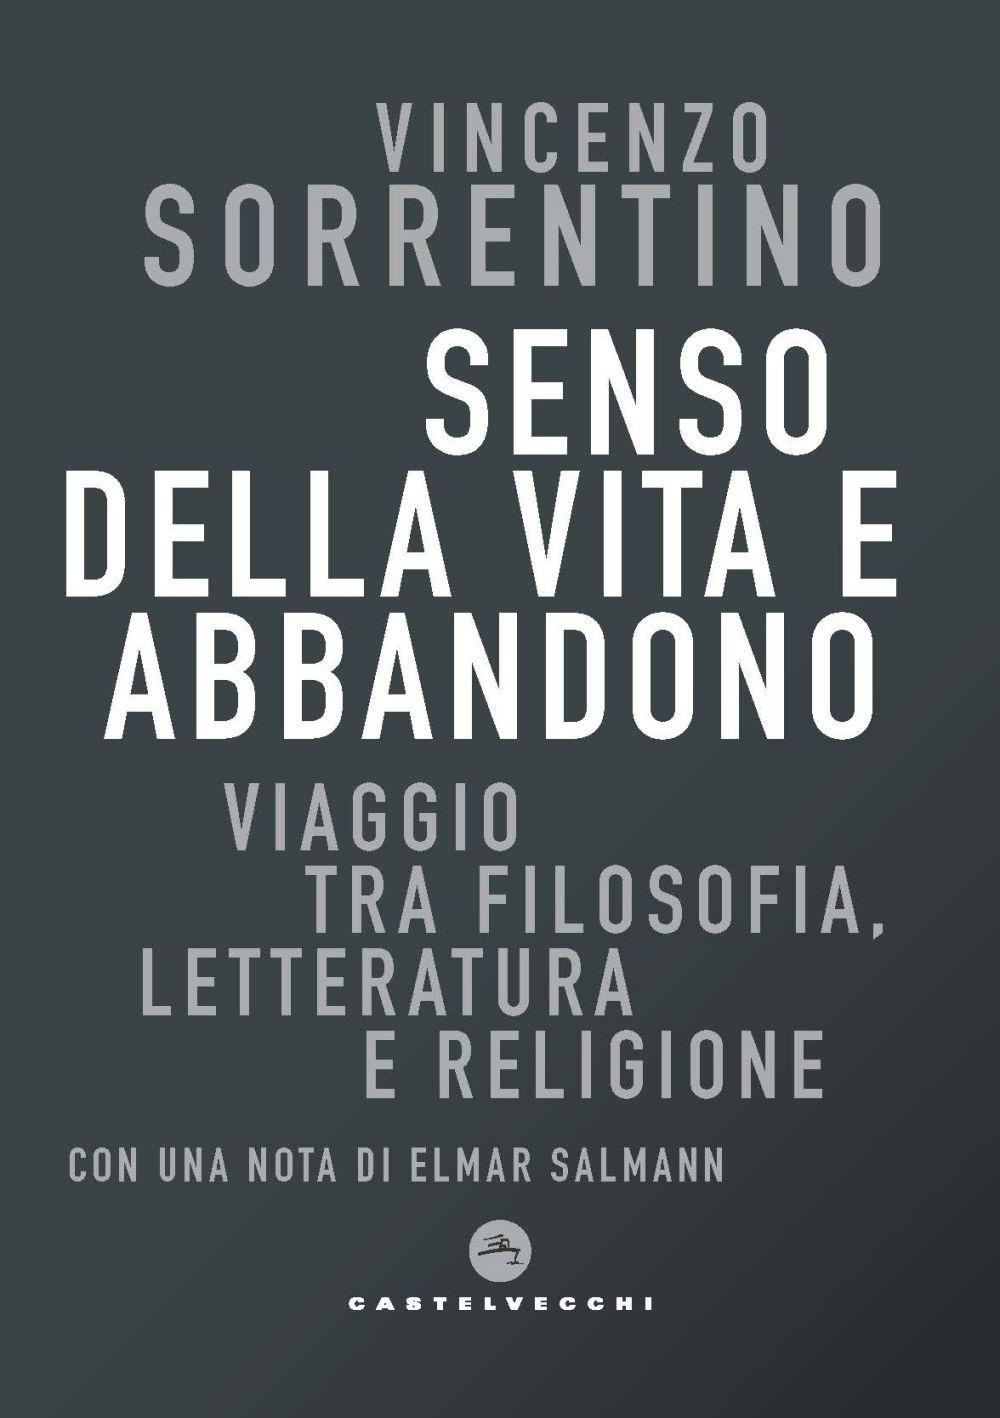 SENSO DELLA VITA E ABBANDONO - Sorrentino Vincenzo - 9788832901962